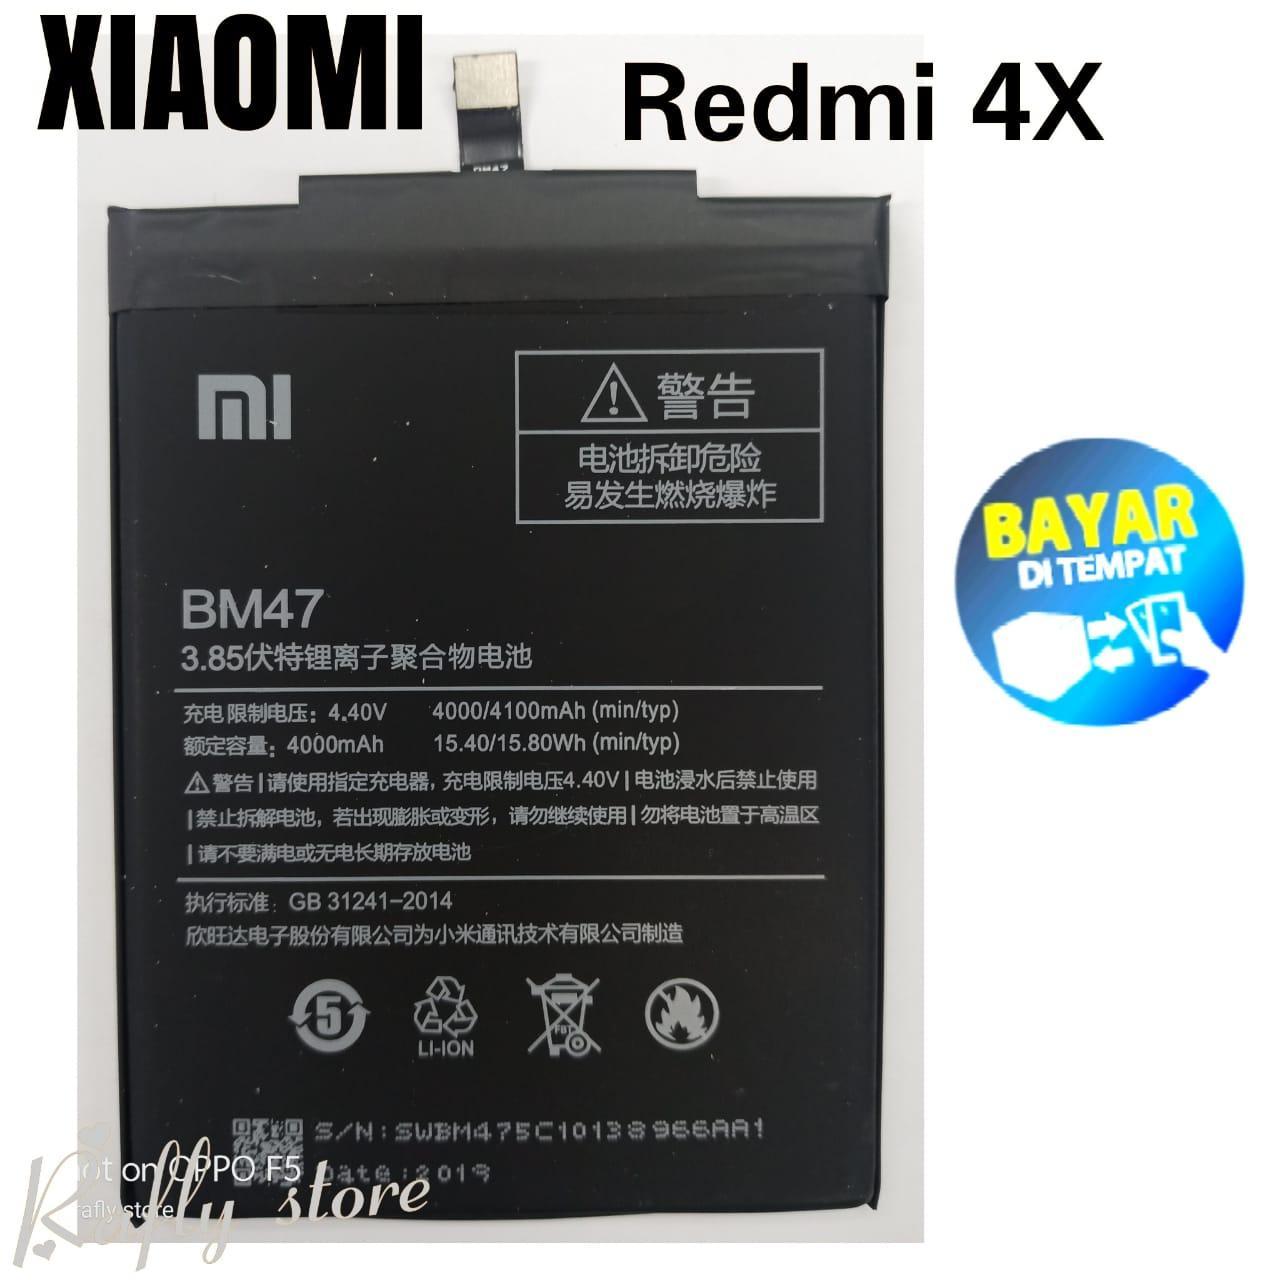 Rafly; Batrai Xiaomi BM47 (Redmi 4X) Baterai Android Batere Handphone Xiaomi Batre Battery